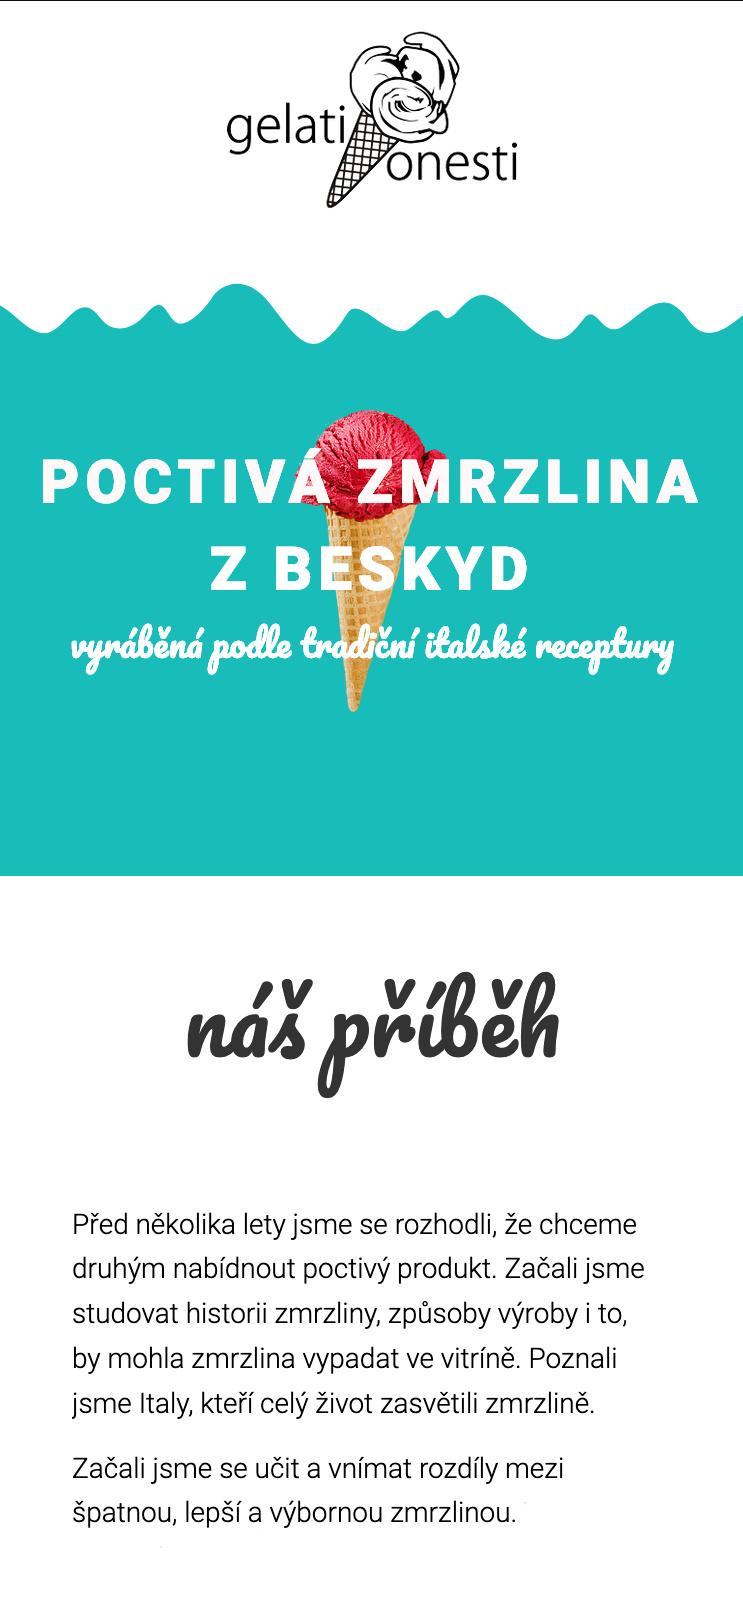 Vizualizace webových stránek poctivazmrzlina.cz na mobilním telefonu